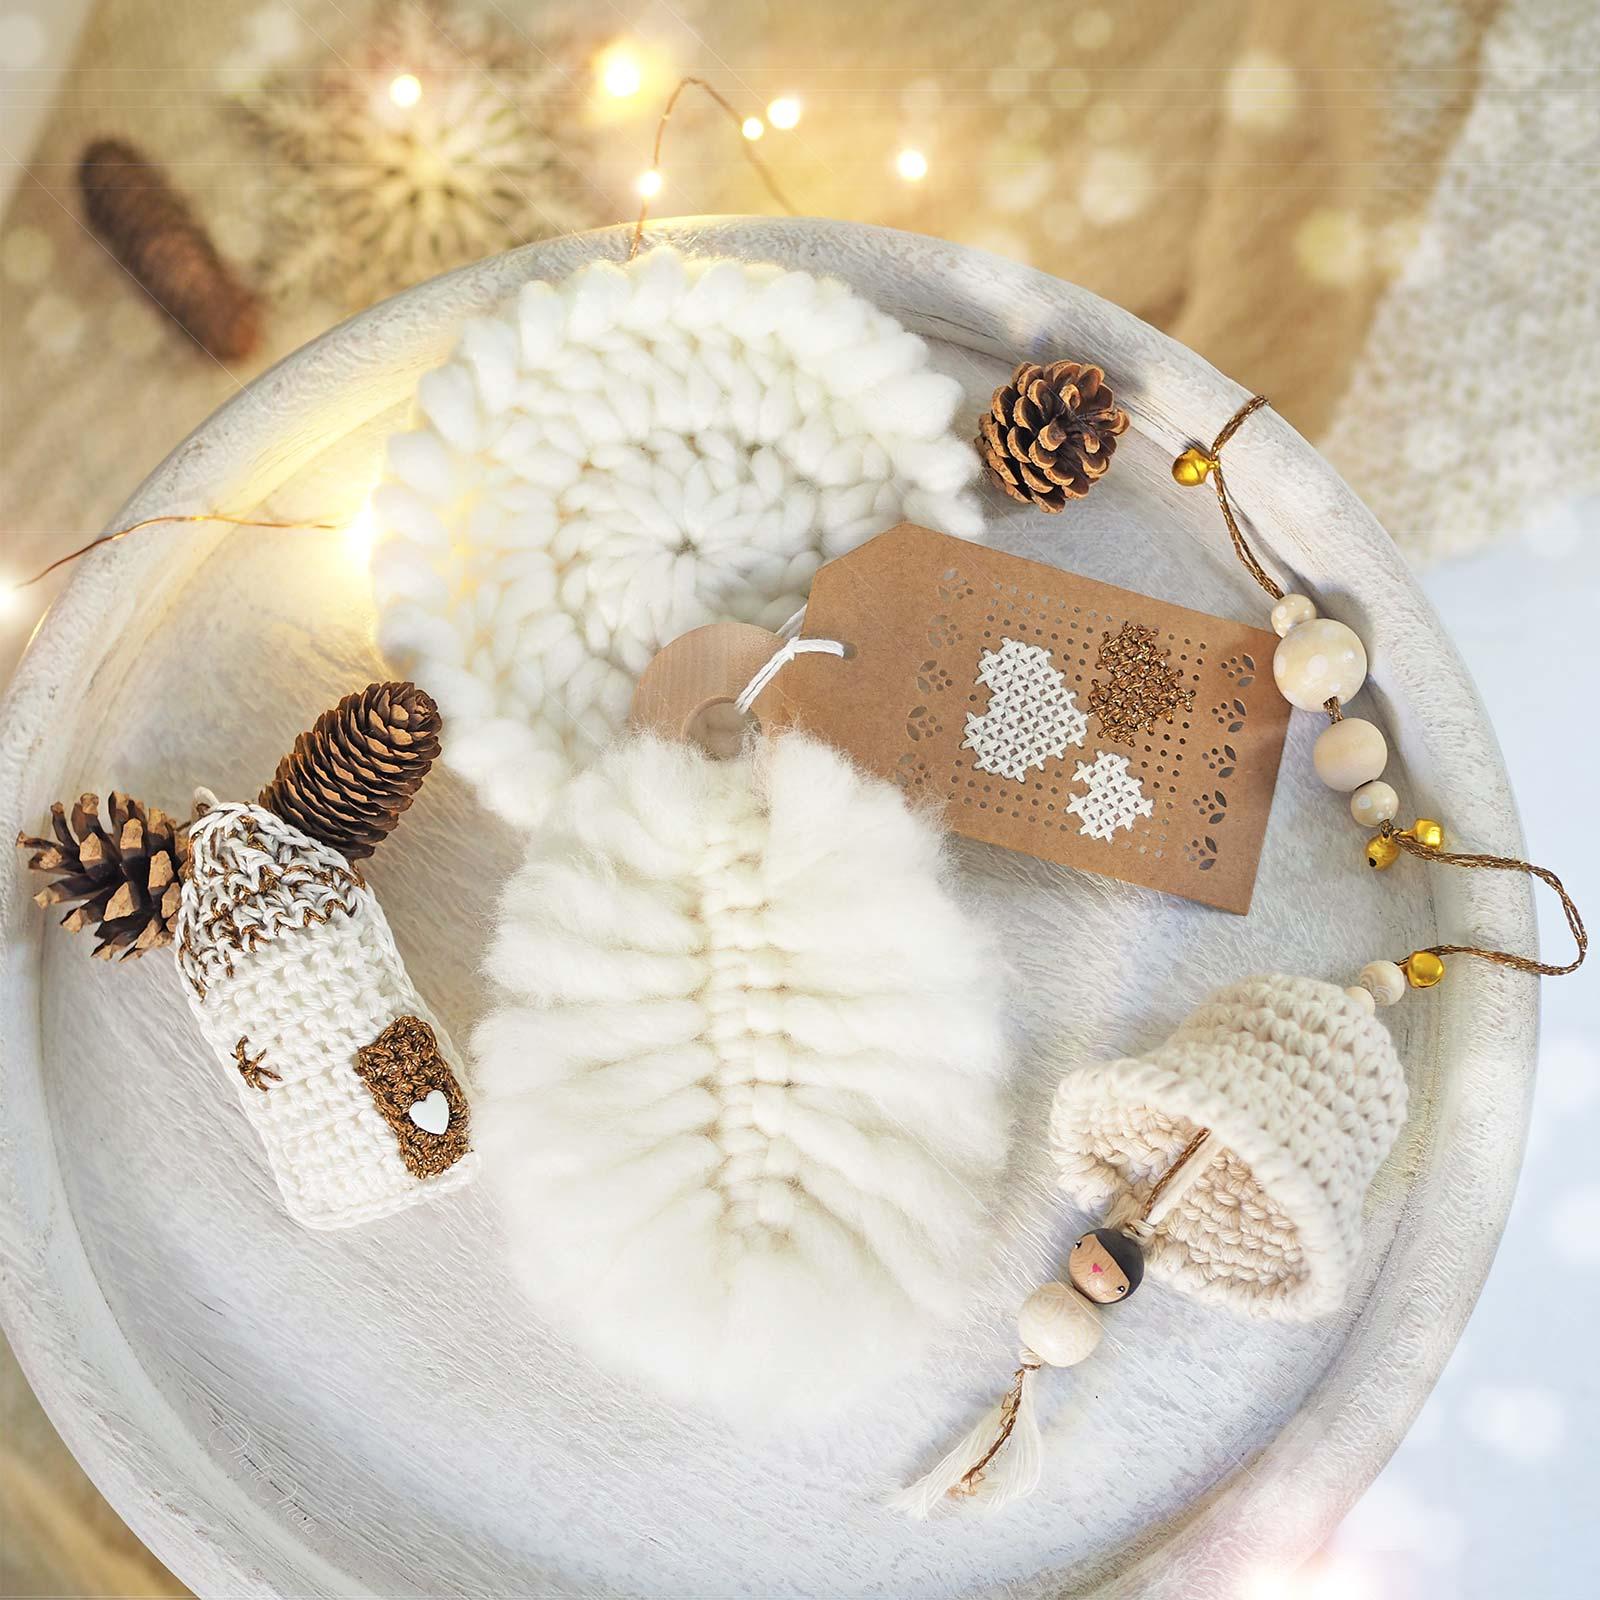 décoration noël crochet blanc or crochet plume macramé coeur maison laboutiquedemelimelo